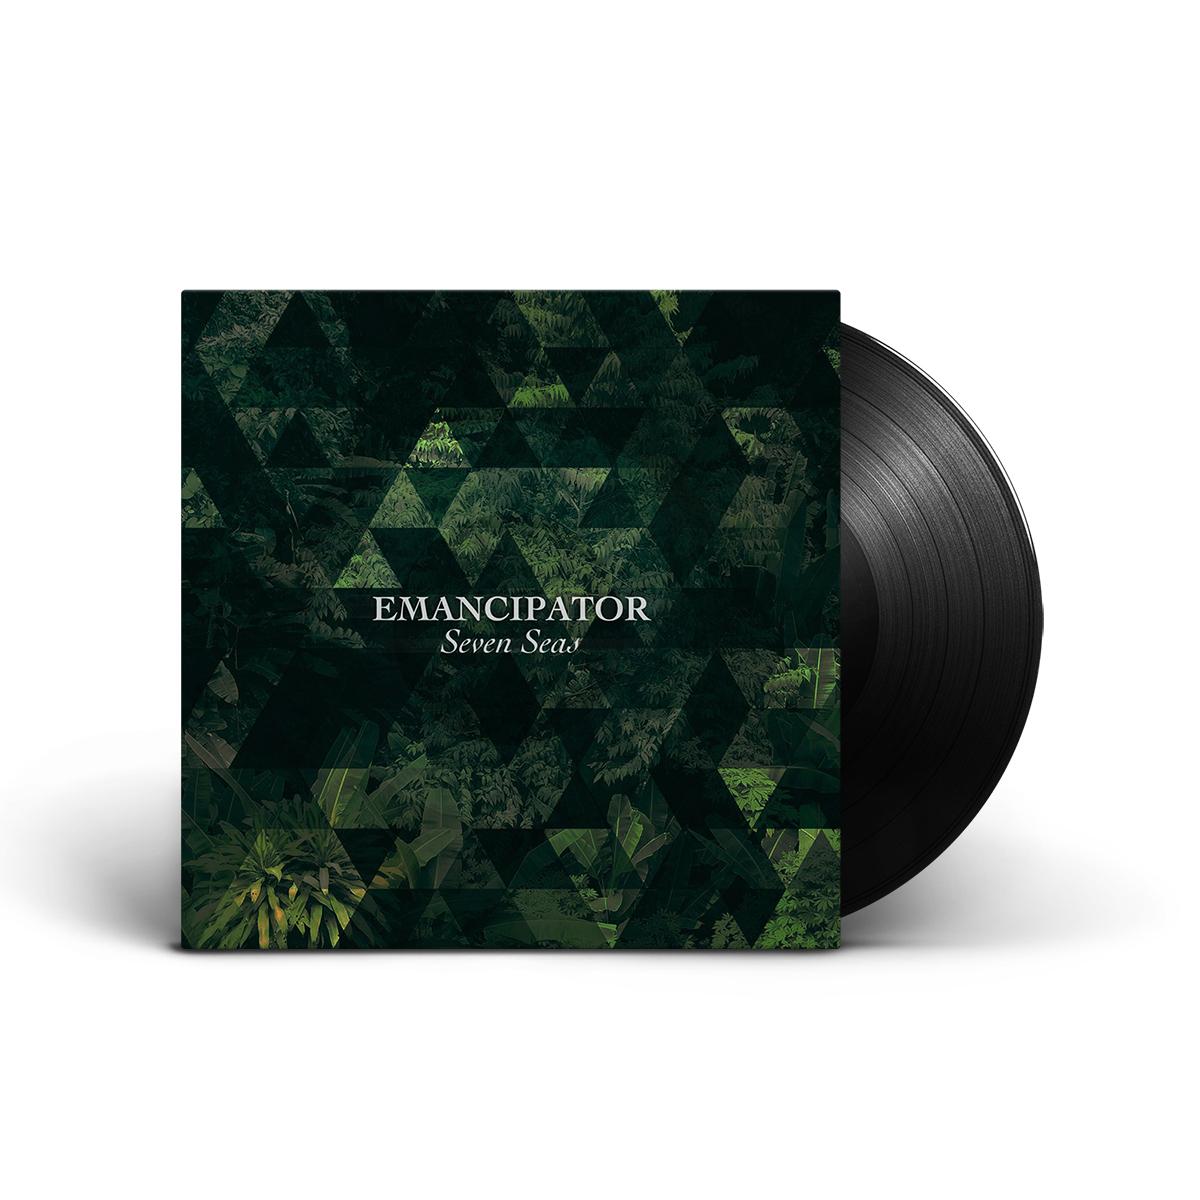 Seven Seas Vinyl LP (Black)